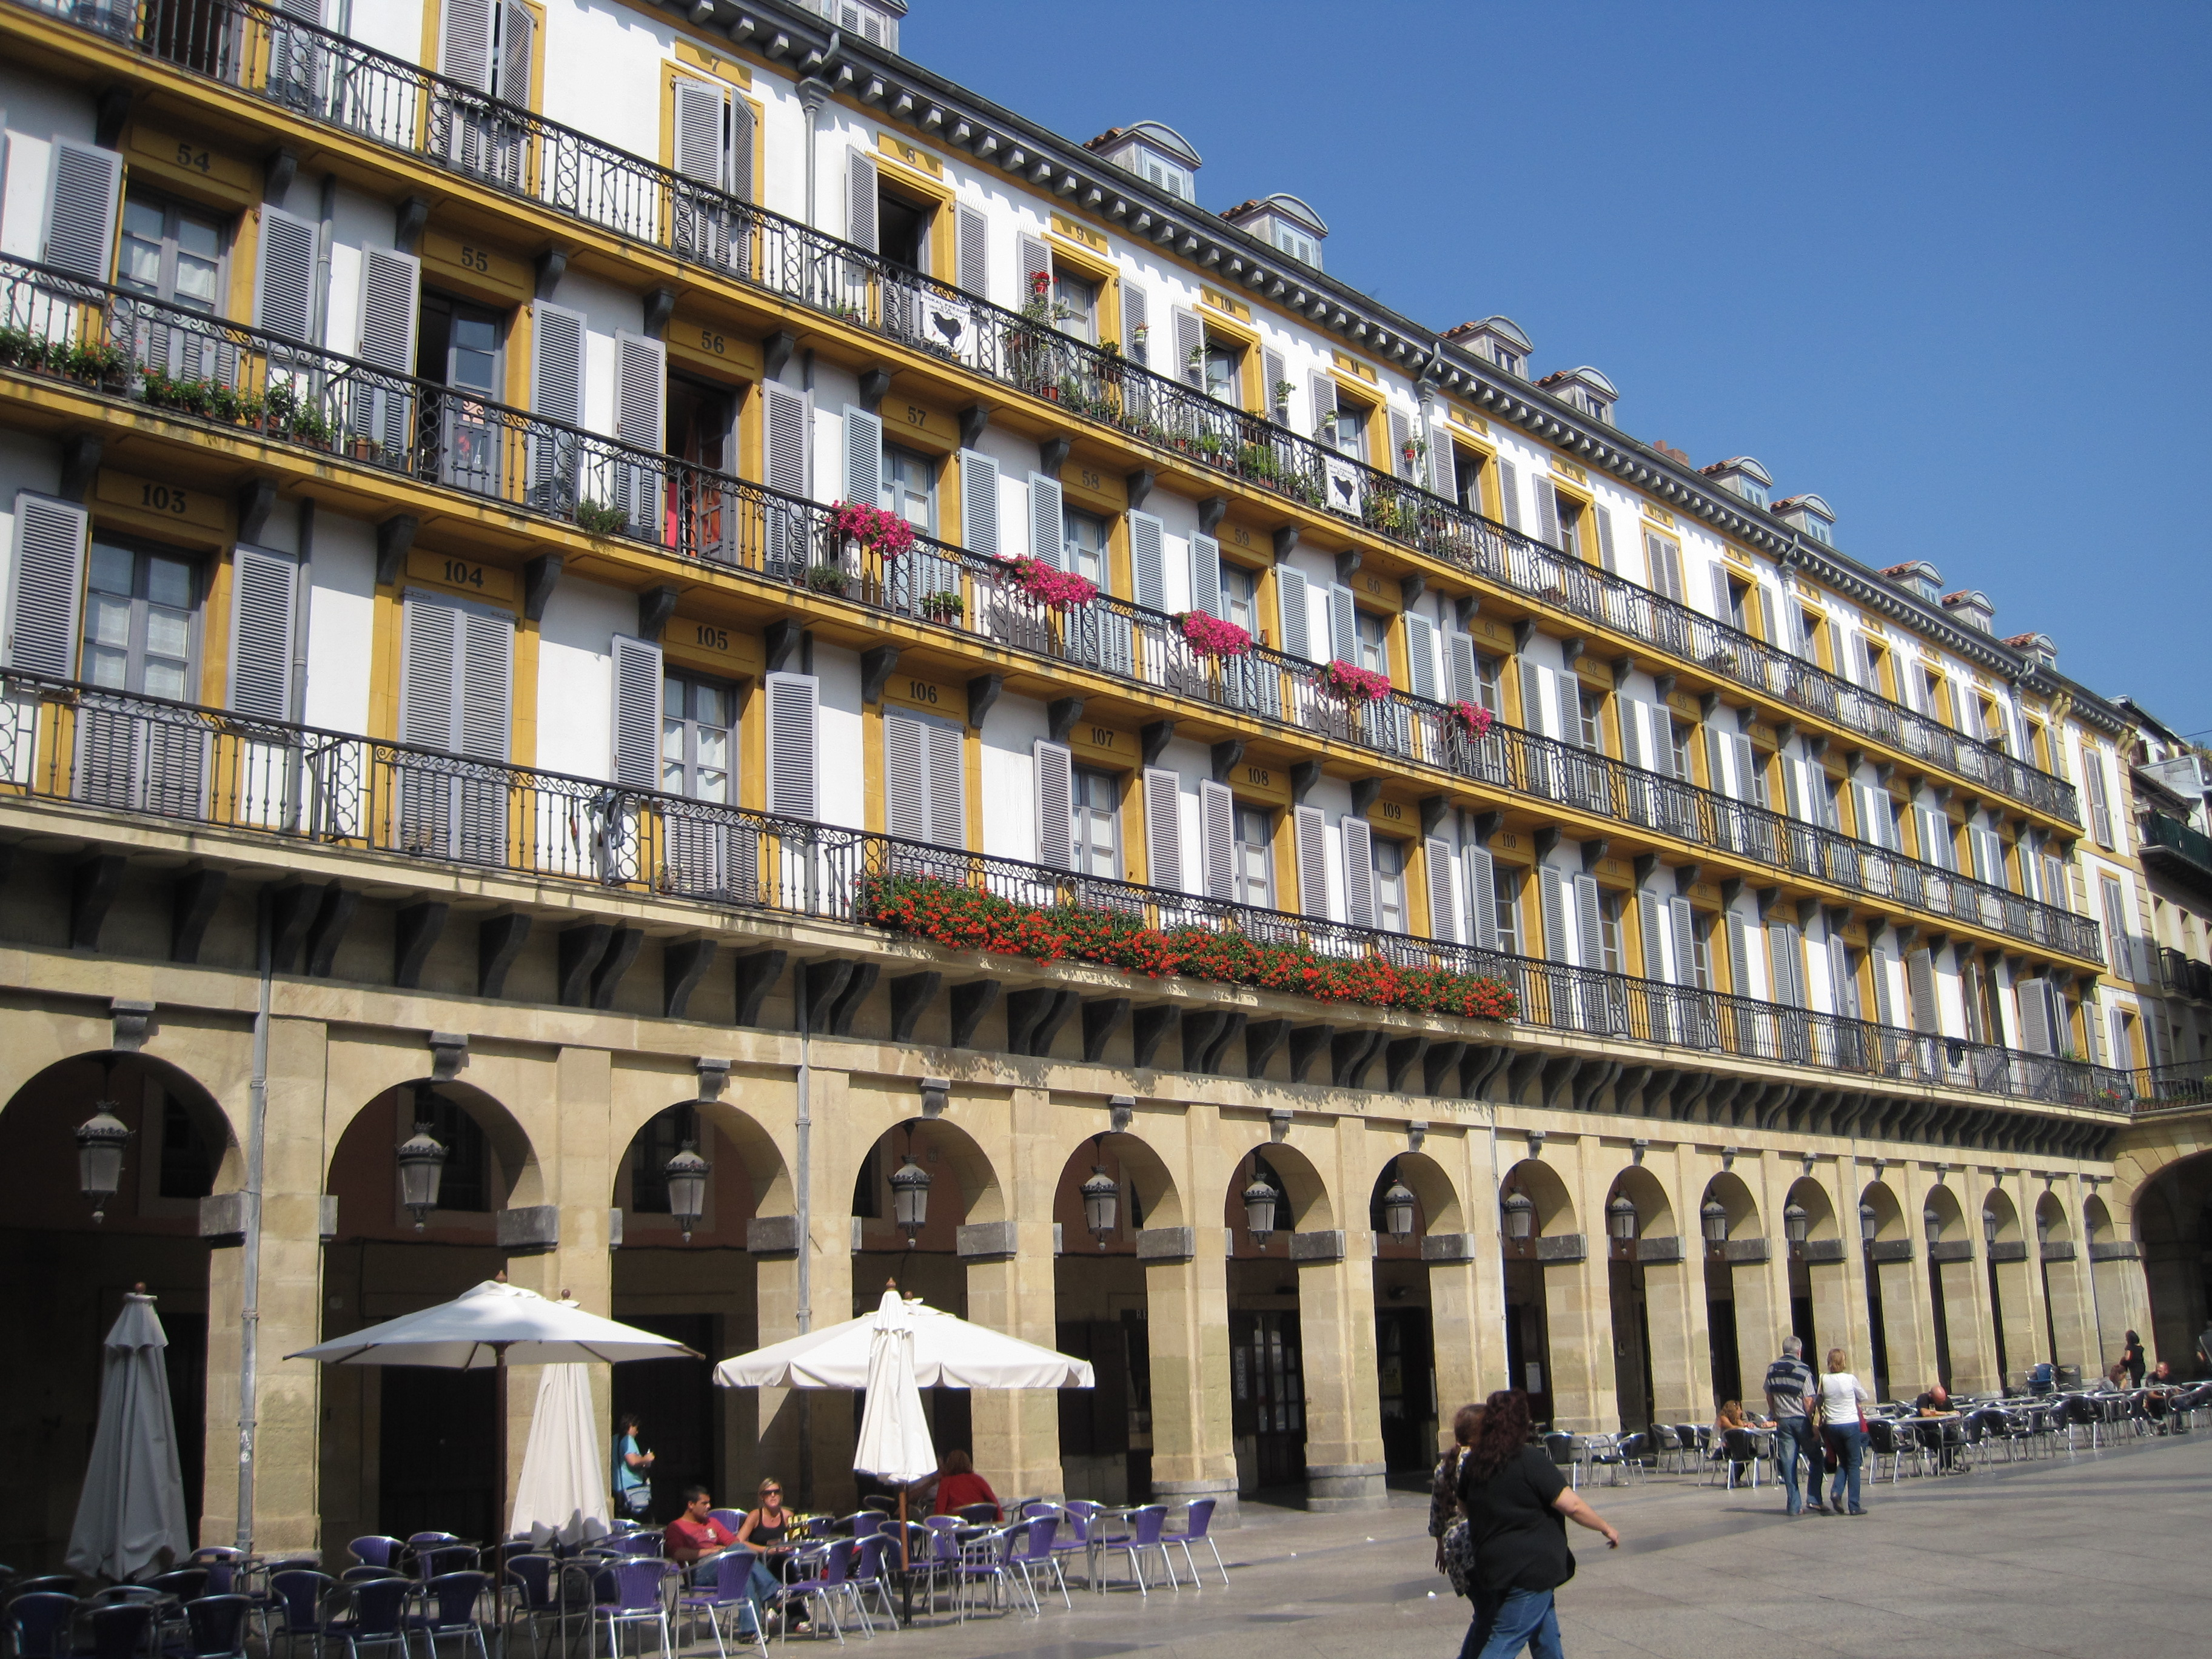 File:Plaza de la Constitución-Konstituzio Plaza. San Sebastian-Donostia, Guip...